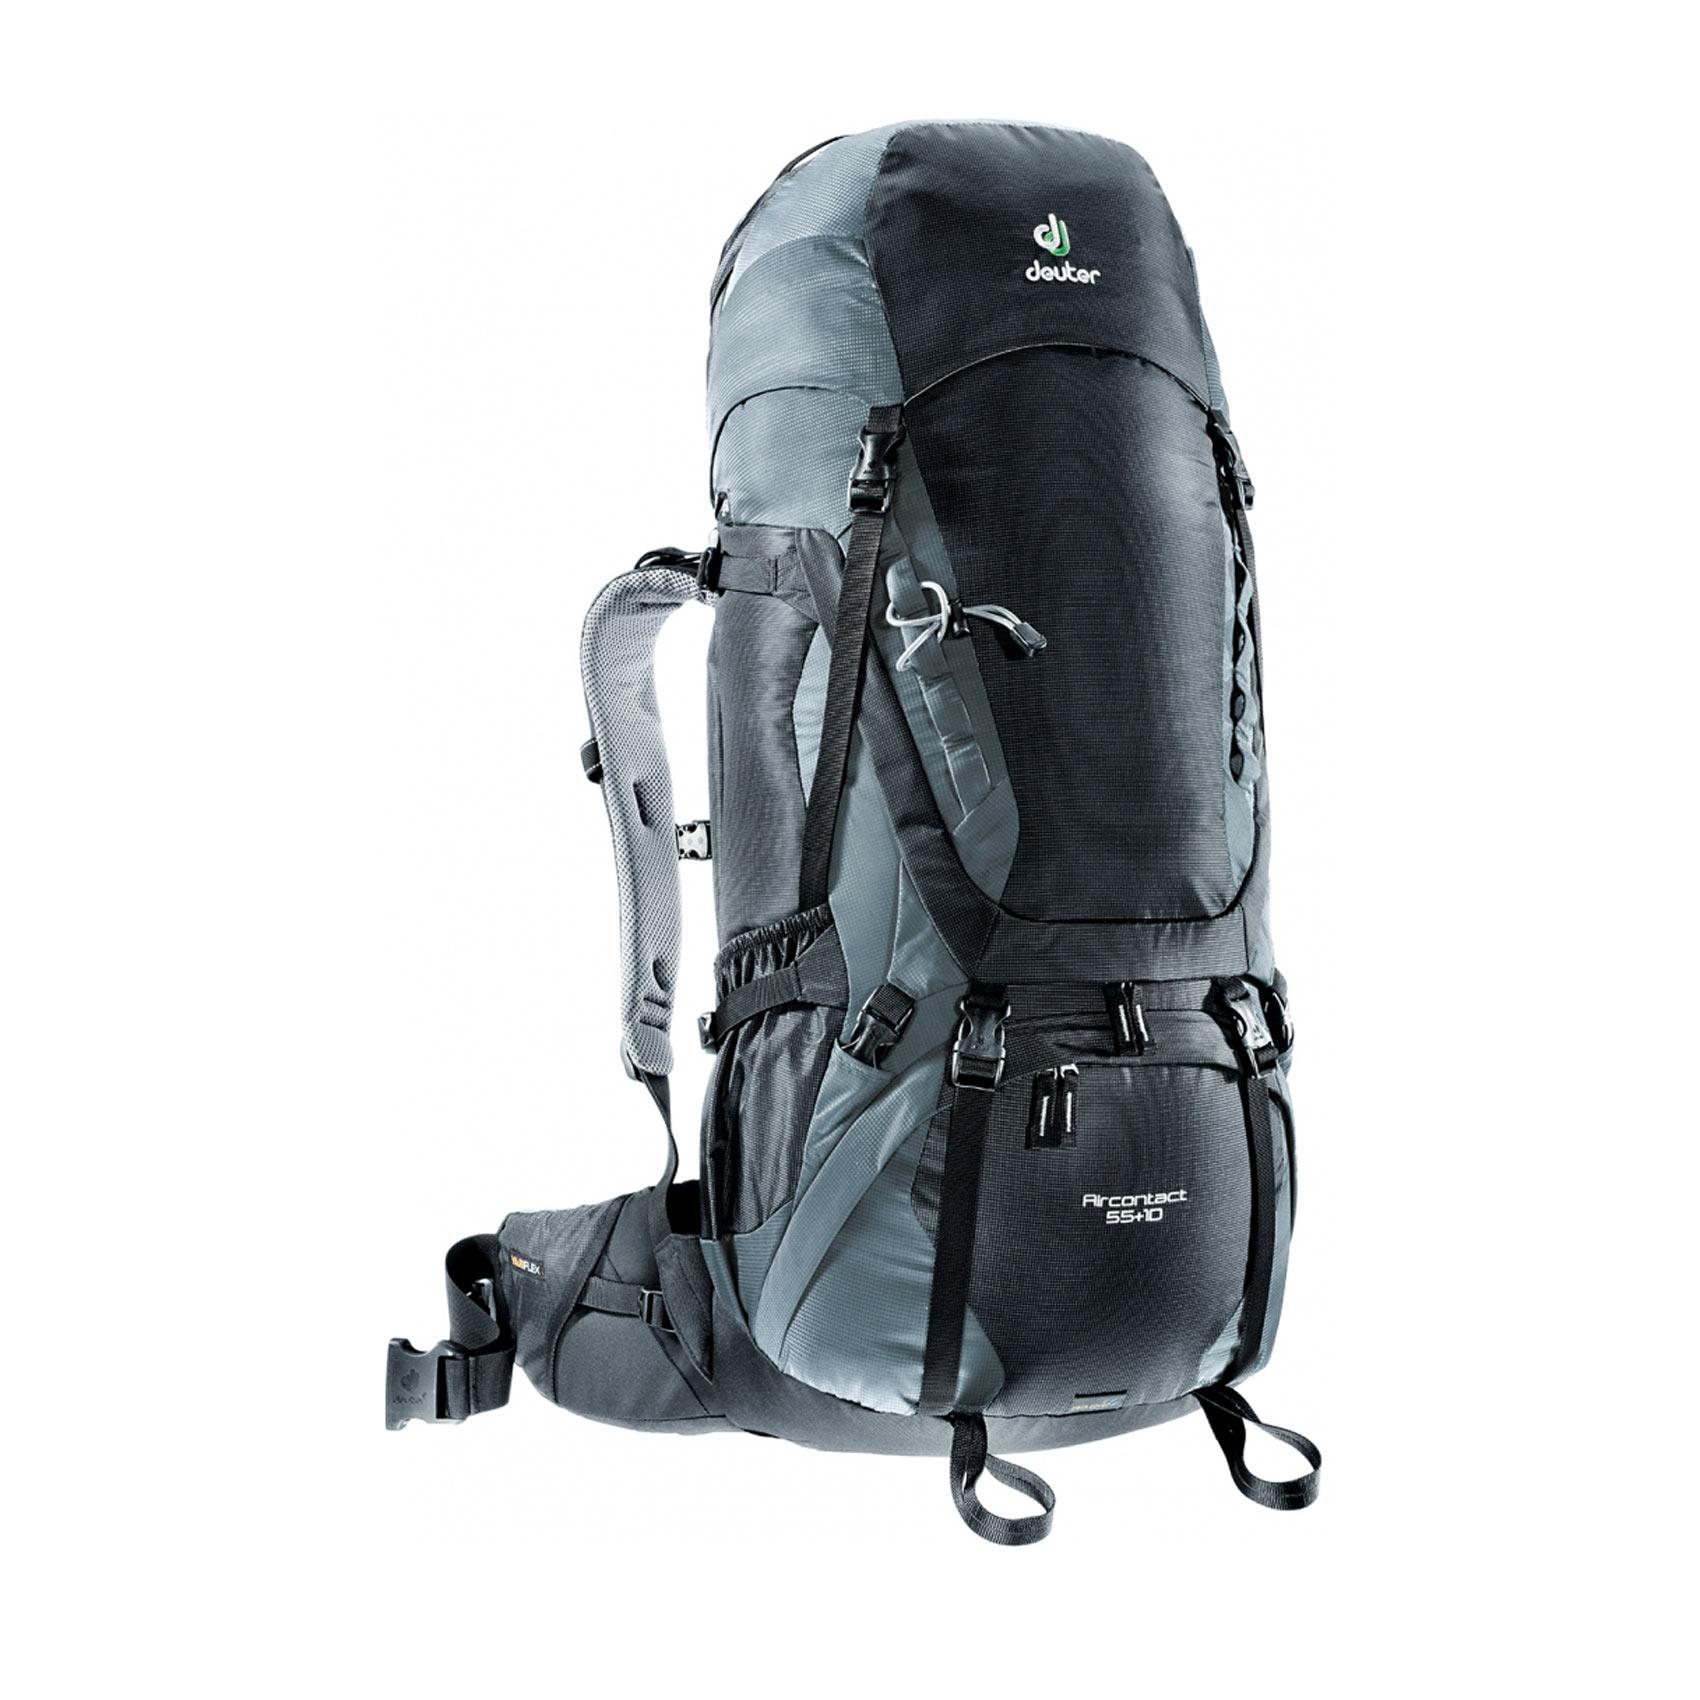 Backpack Deuter Aircontact 55+10 L - Sportbuck gewährt 30% auf Rucksäcke